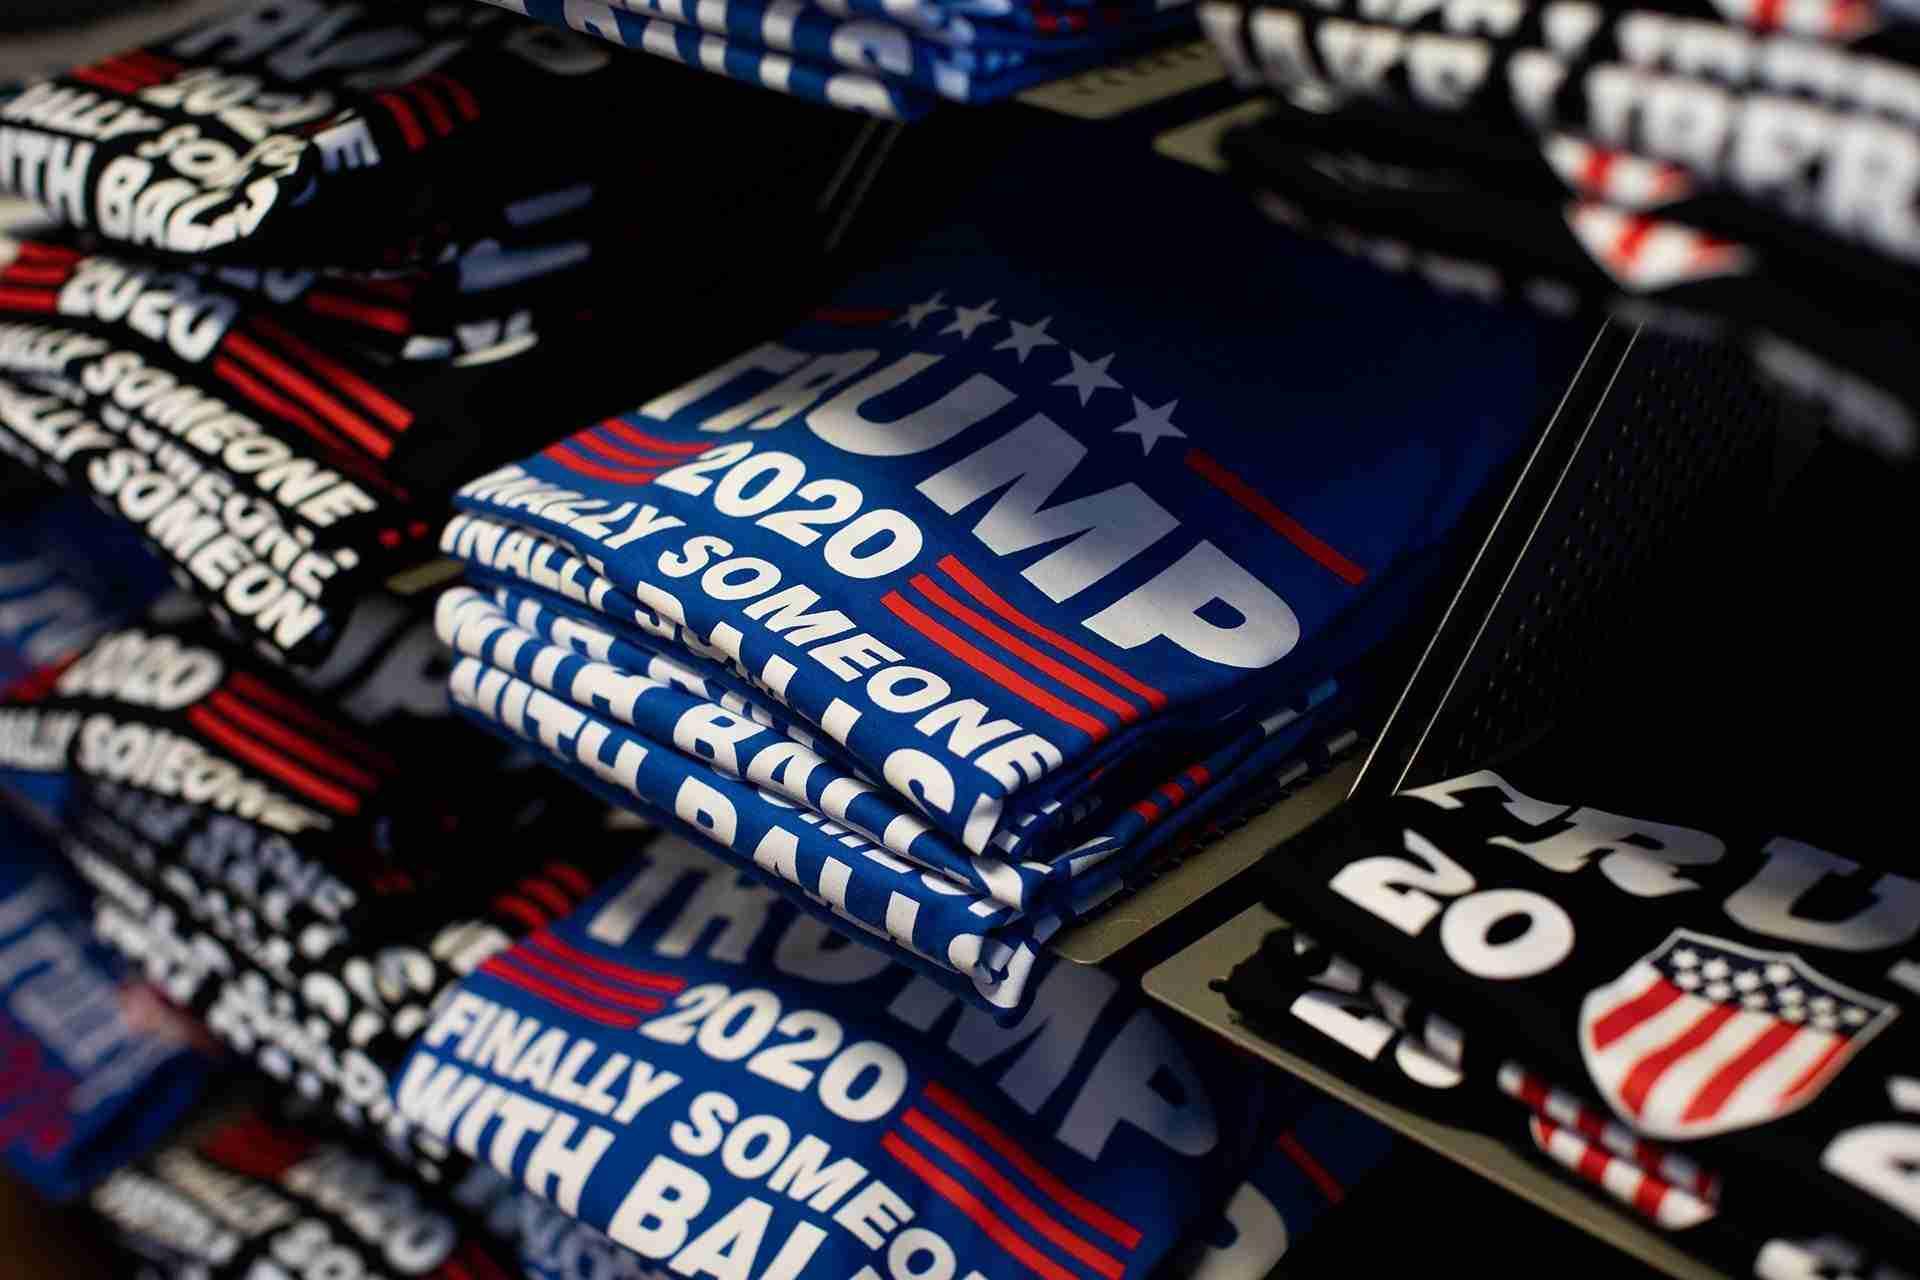 Trump 2020 T-Shirts